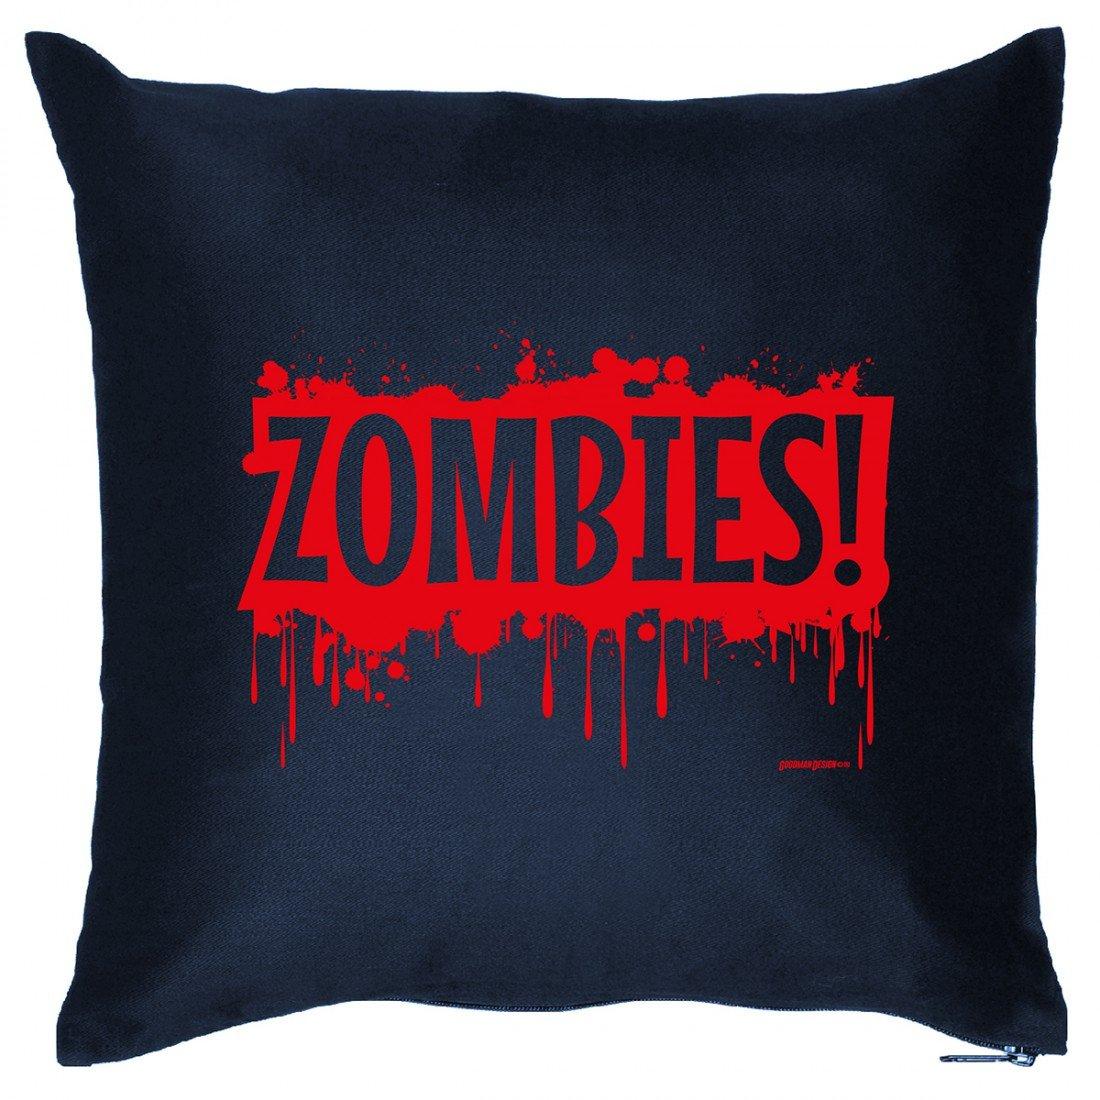 Kissen Sofakissen mit Aufdruck – Zombies ! – Horror Zombie Hexe Grusel Monster Halloween Geschenk – Wendekissen jetzt kaufen